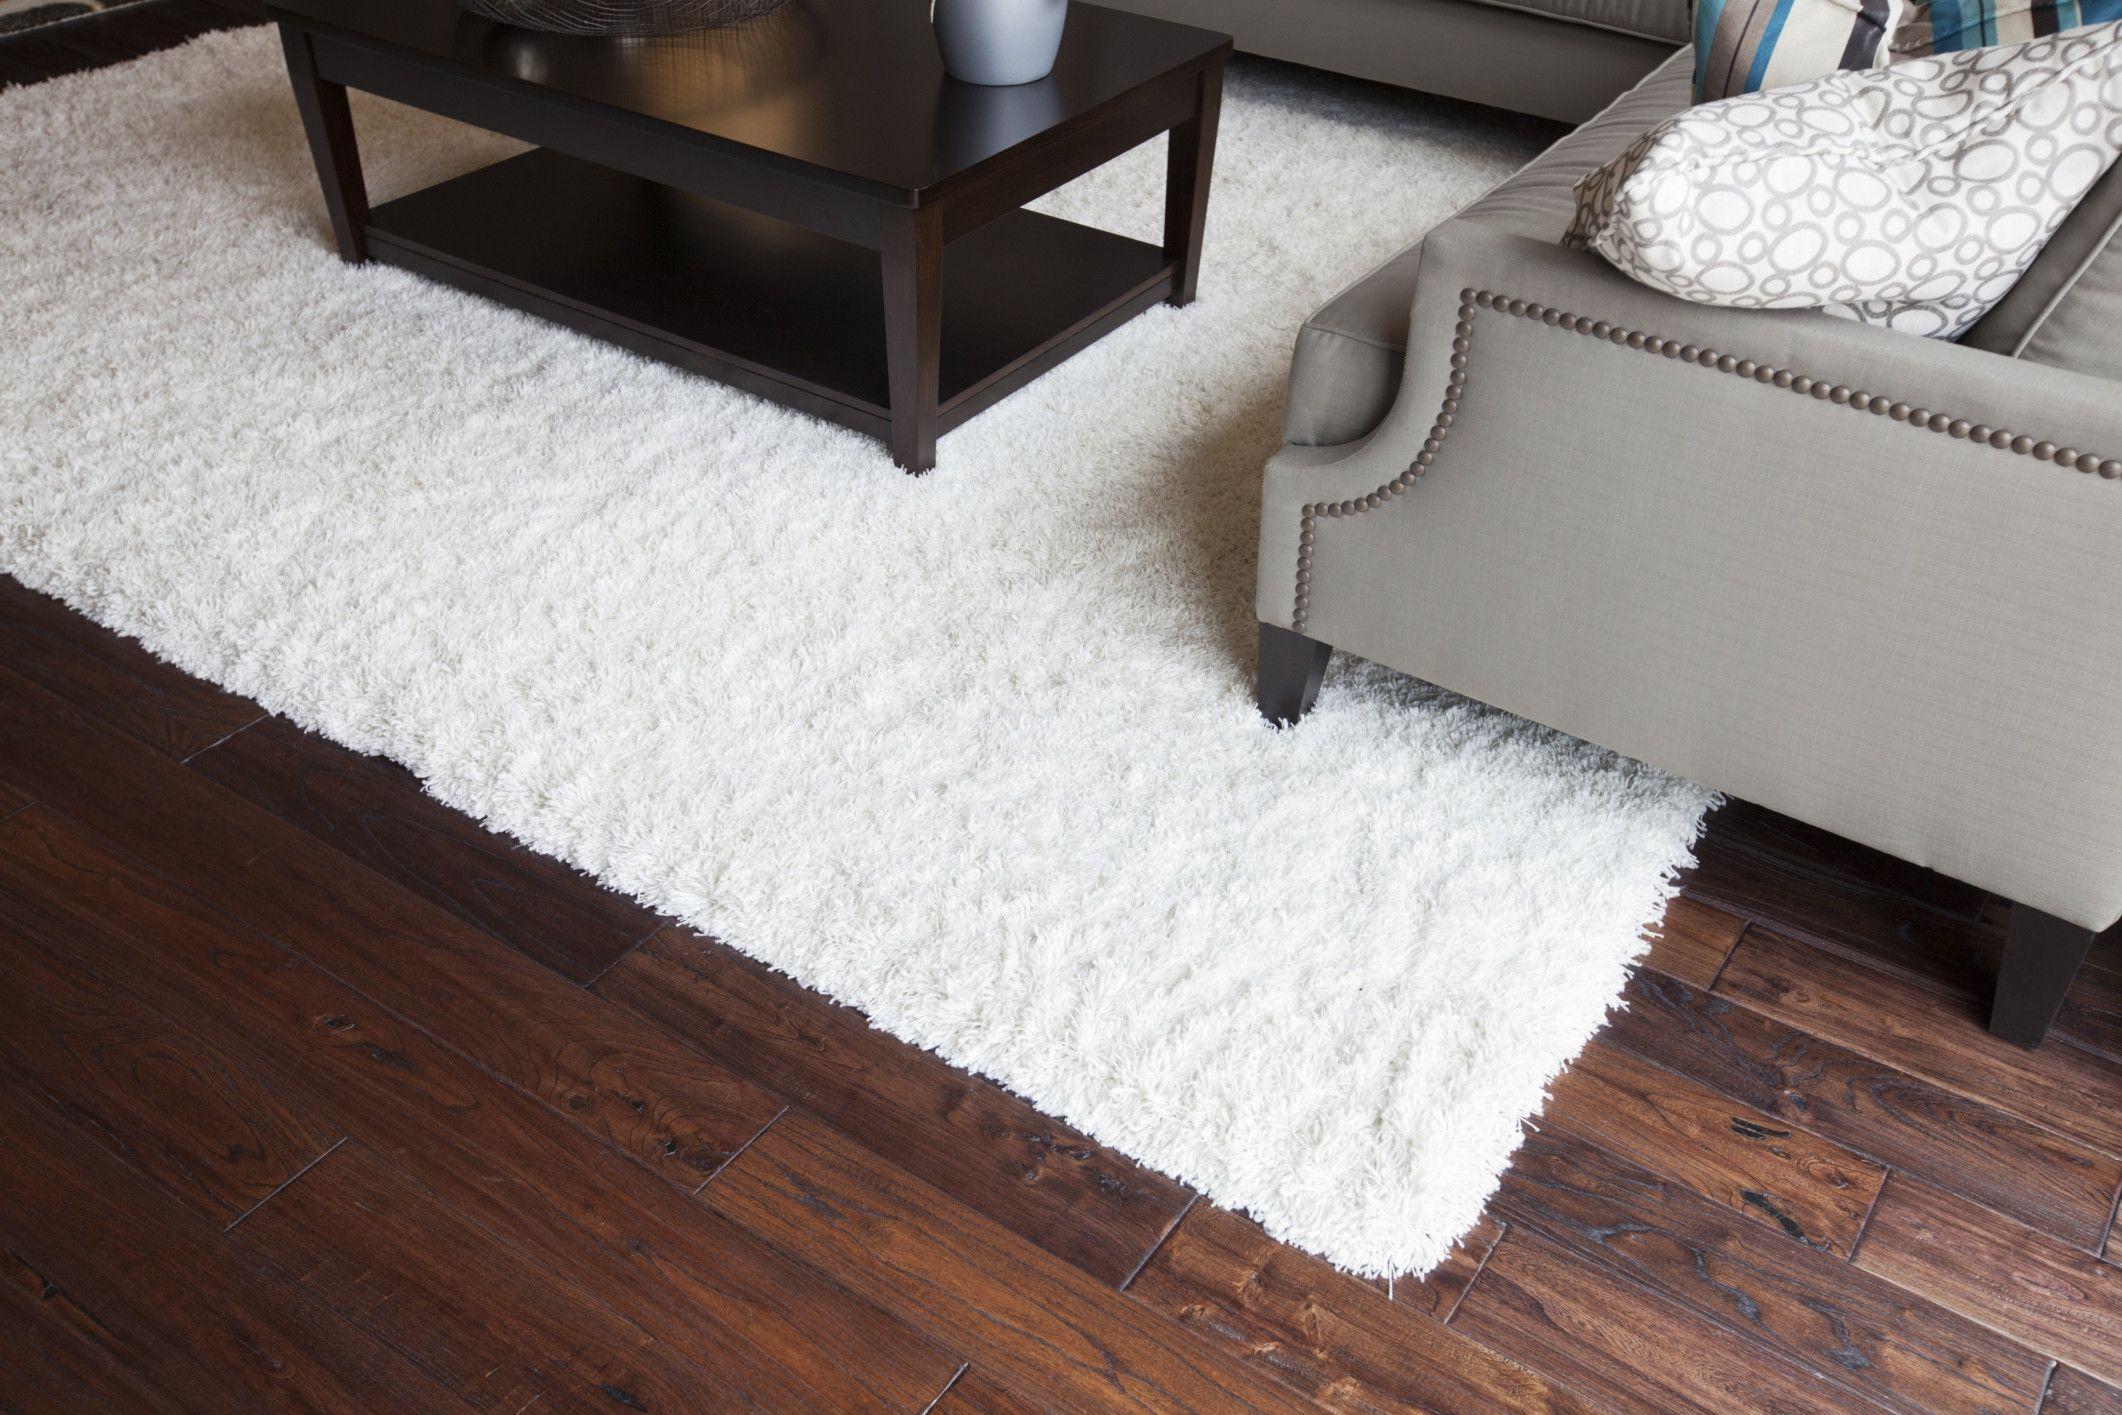 Carpet For Wood Floors Http Dreamhomesbyrob Com Pinterest Woods